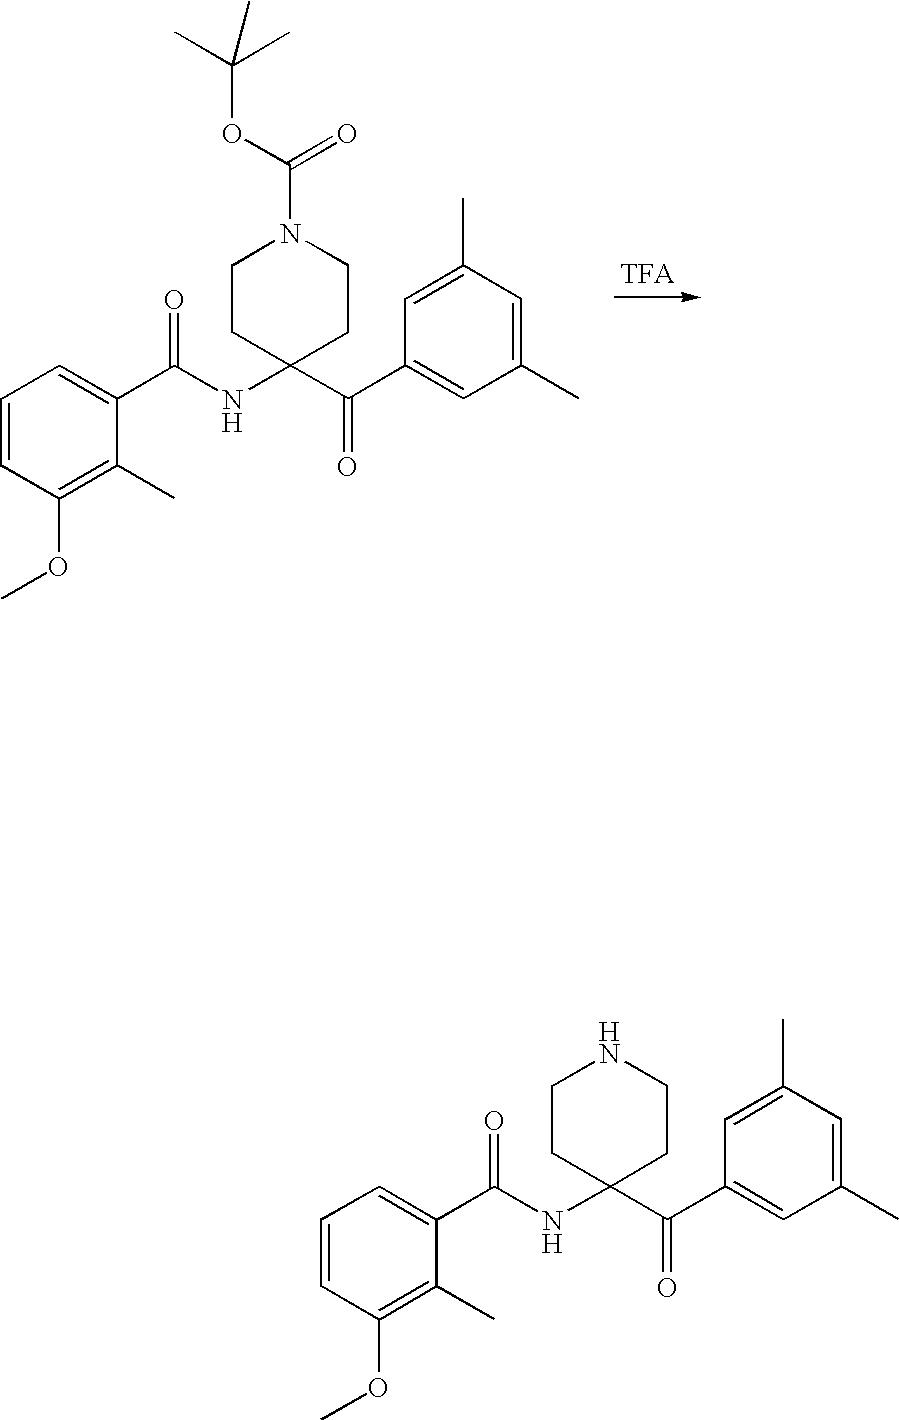 Figure US20040049037A1-20040311-C00035